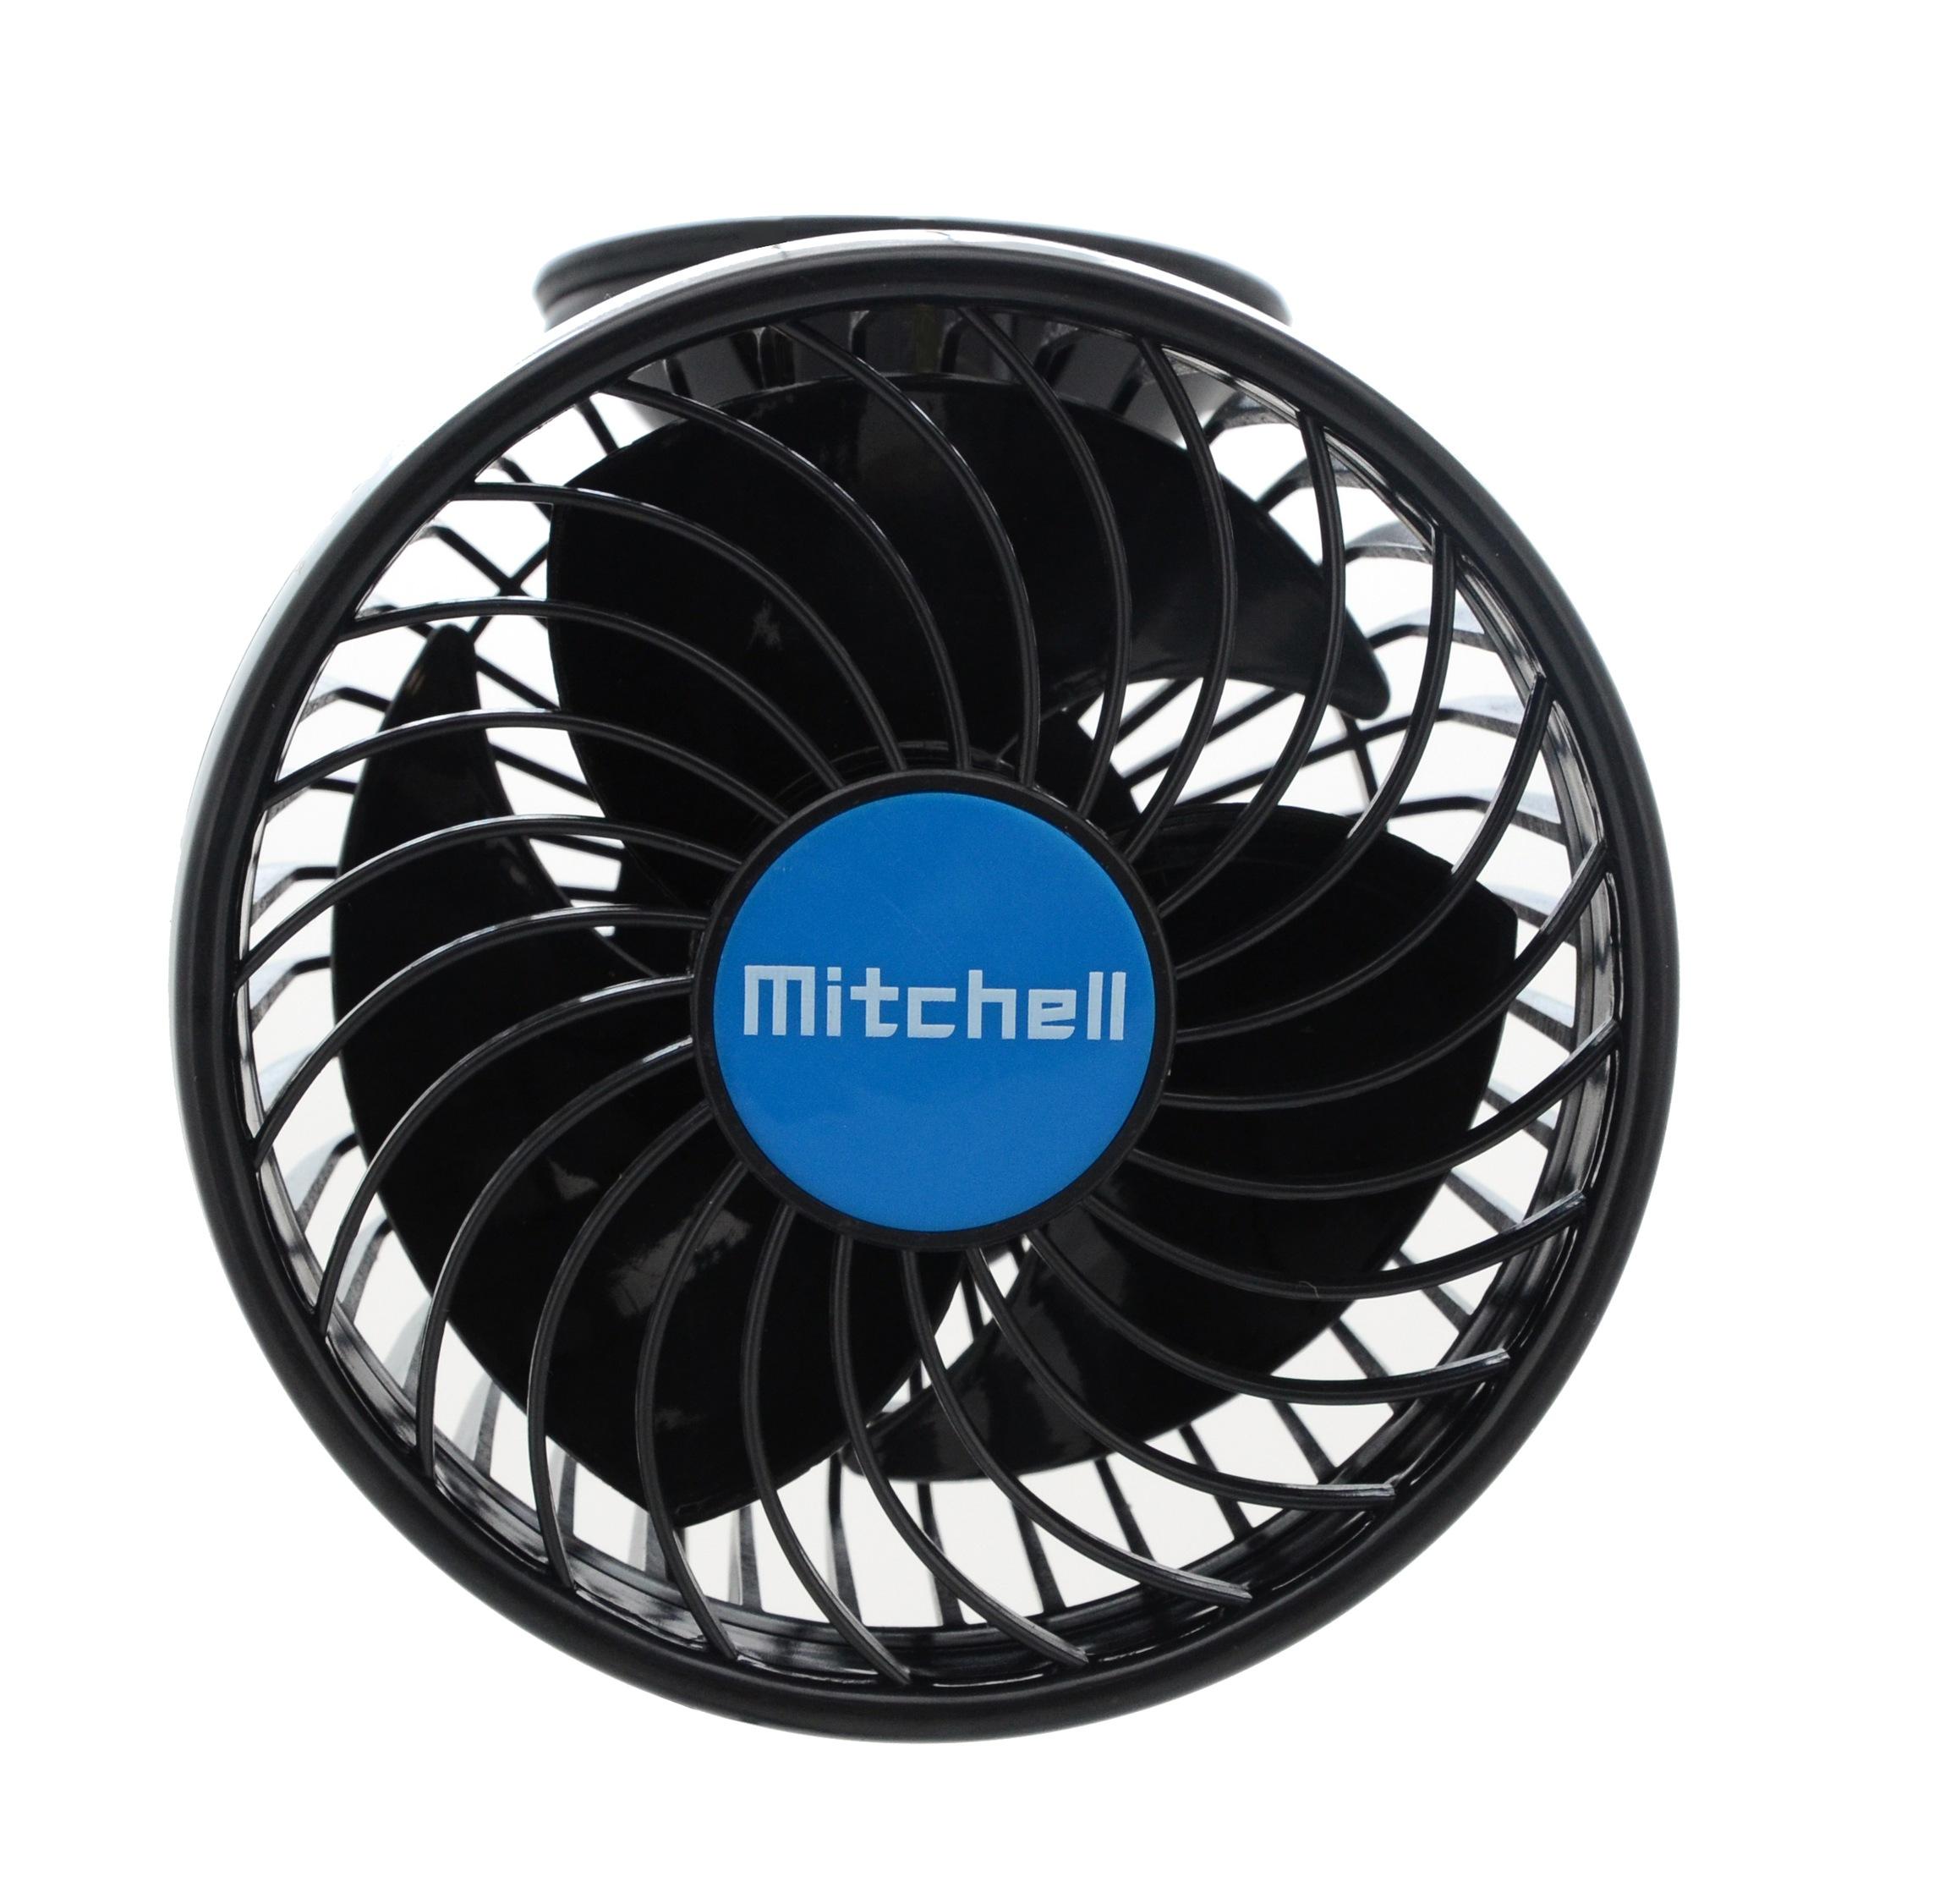 Ventilátor MITCHELL 115mm 12V na přísavku